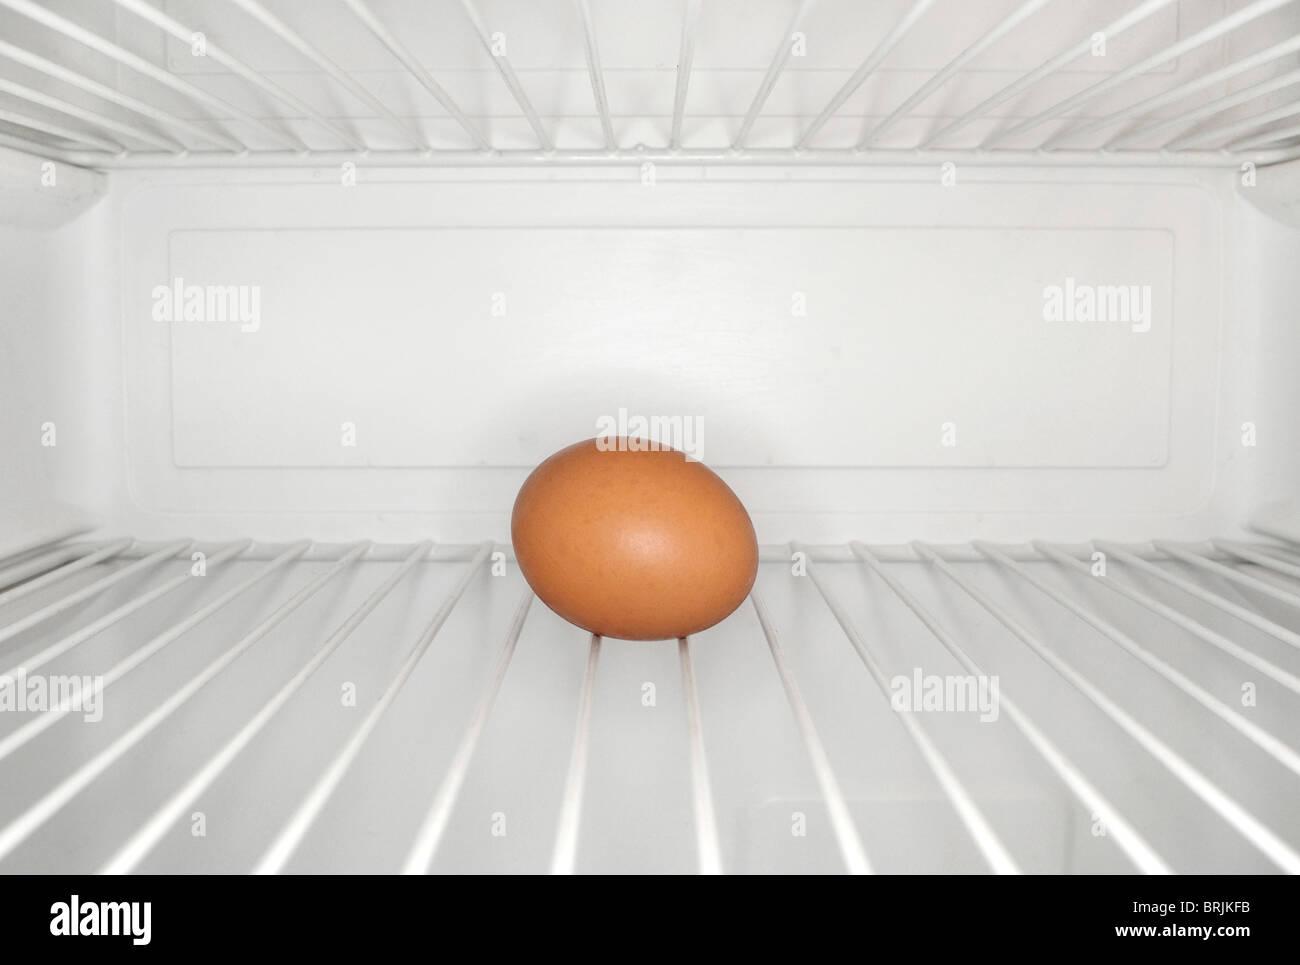 Single egg sitting on shelf inside refrigerator - Stock Image